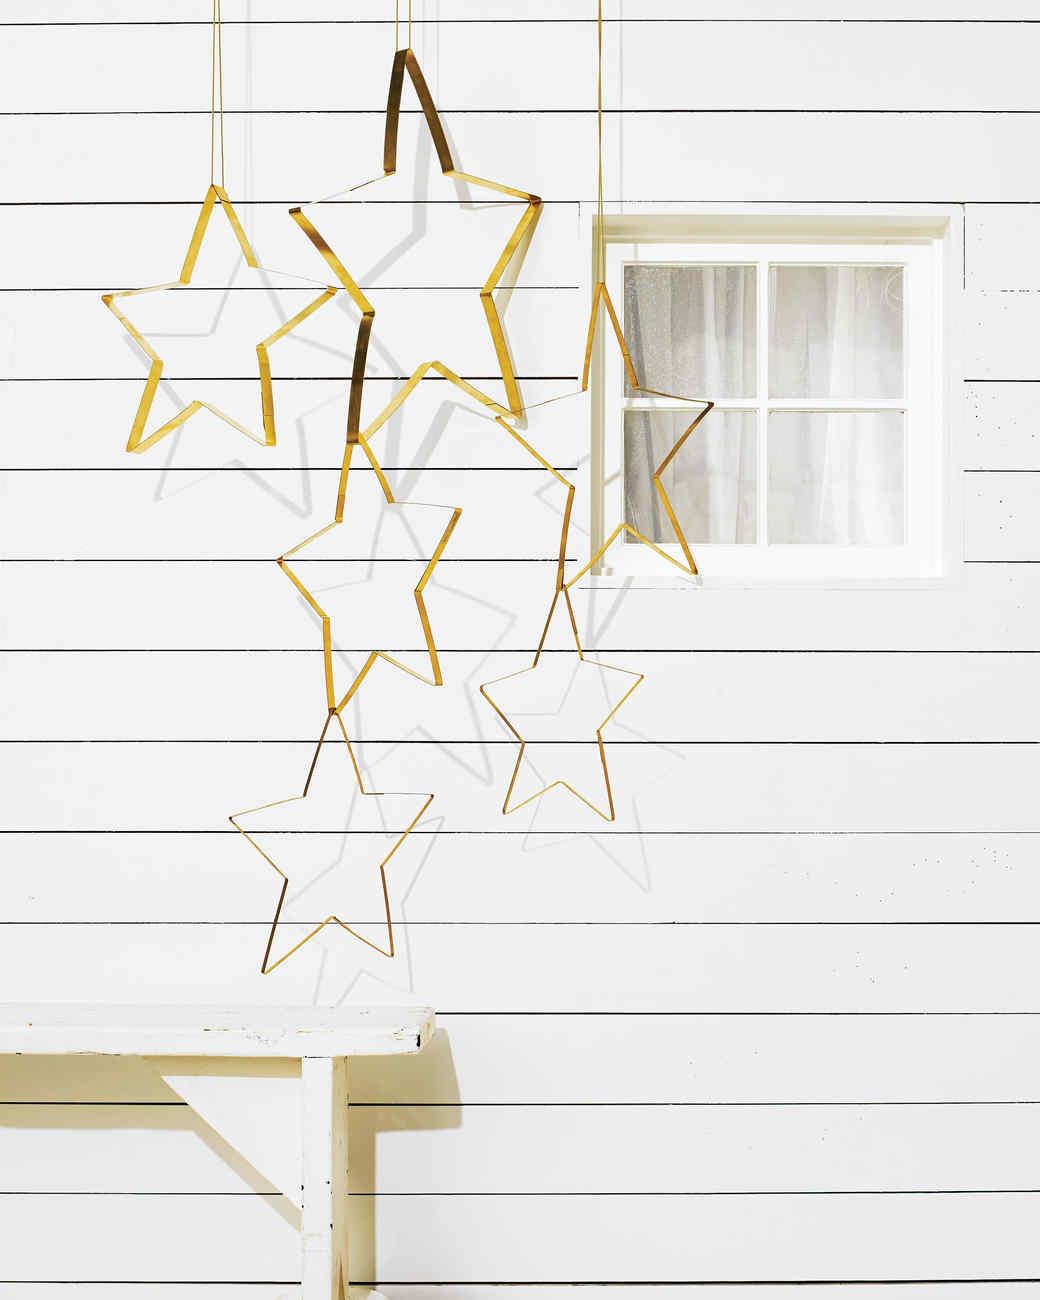 brass-stars-413-d112023.jpg